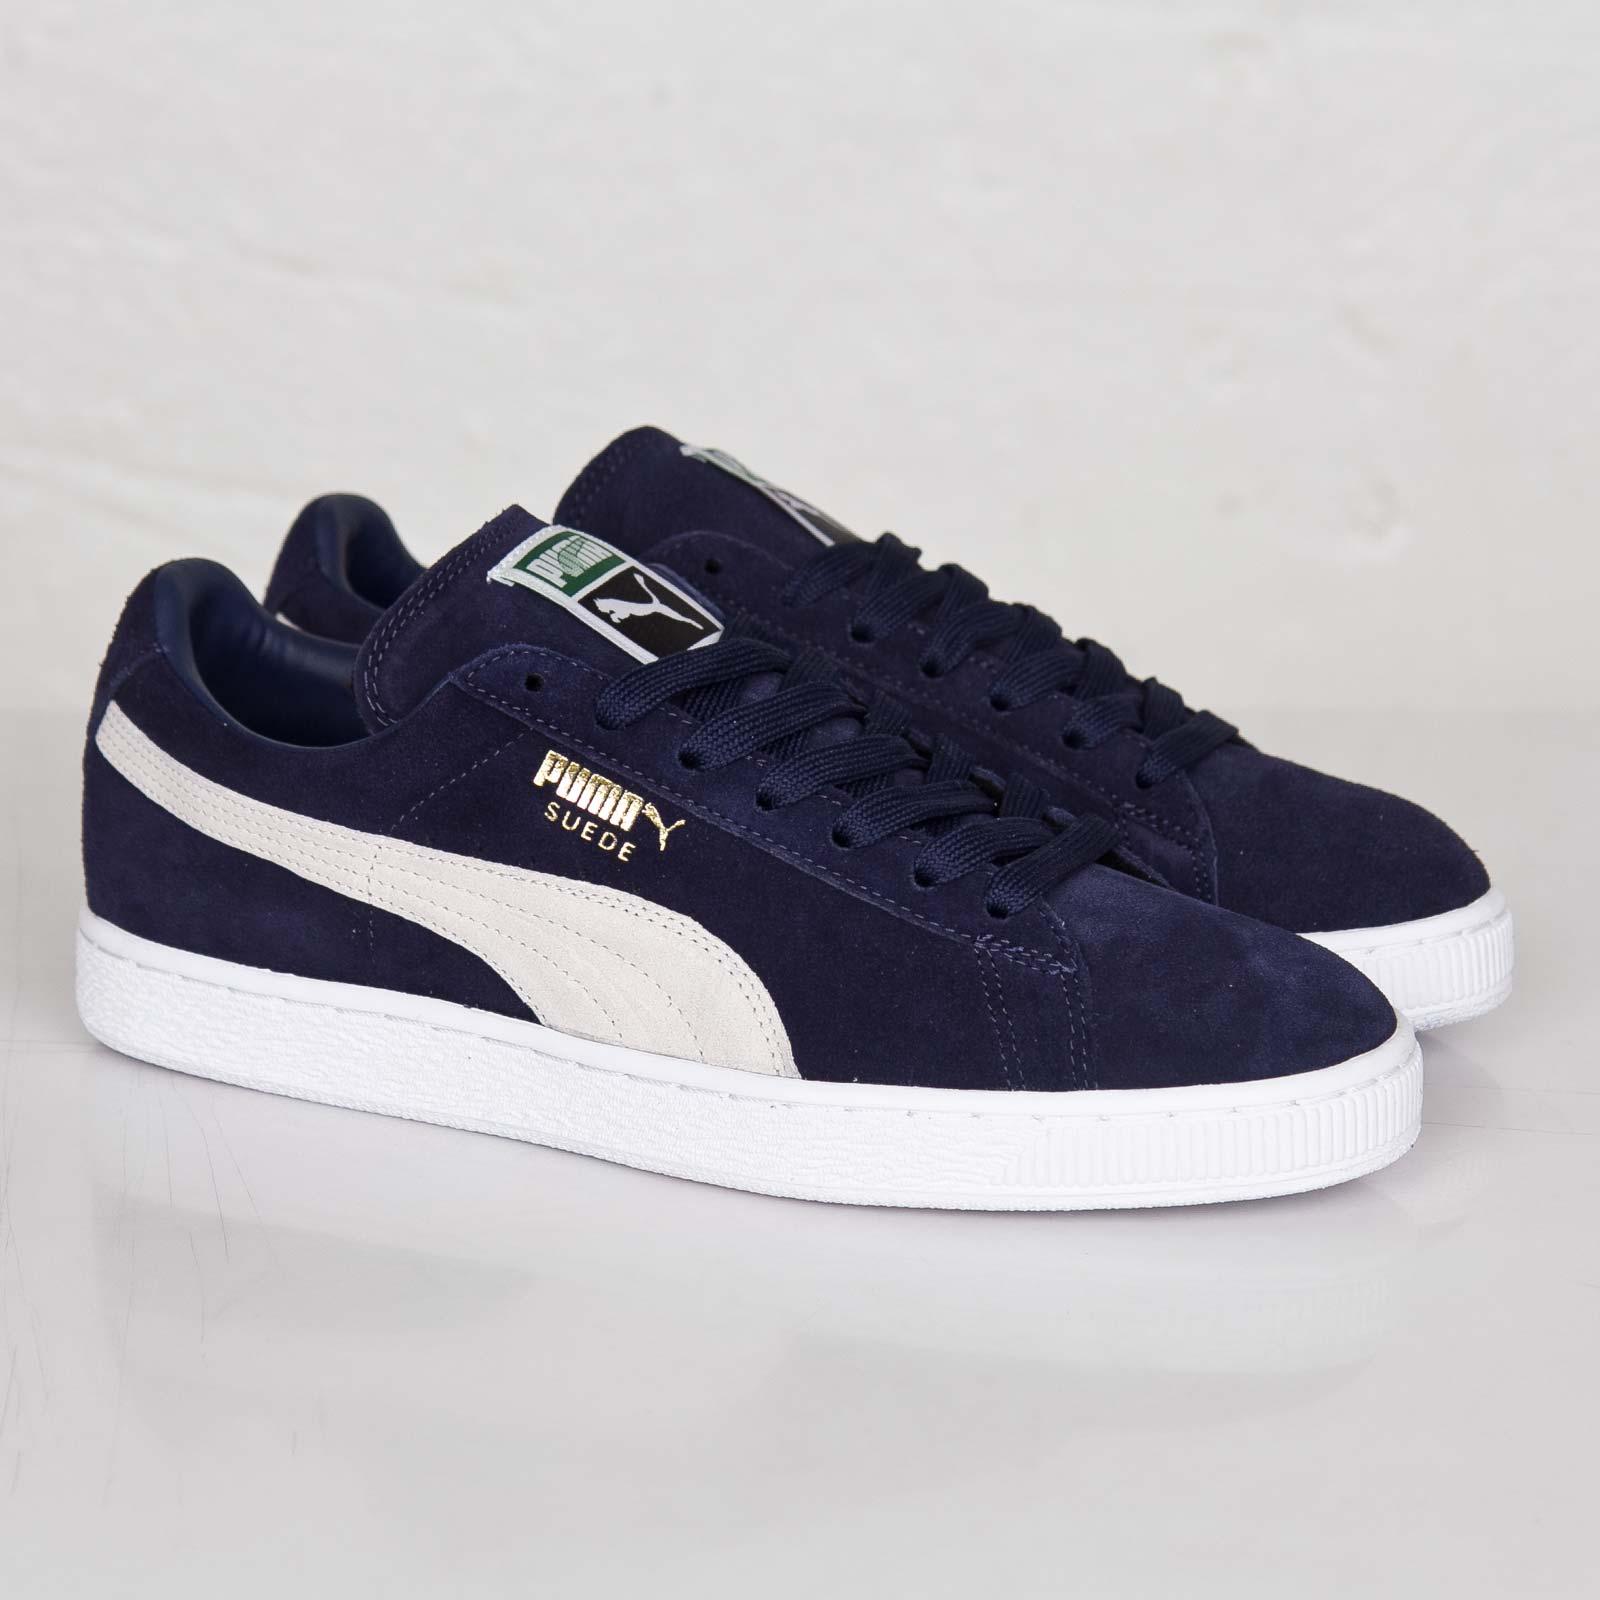 47f3271af2e Puma Suede Classic+ - 356568-51 - Sneakersnstuff